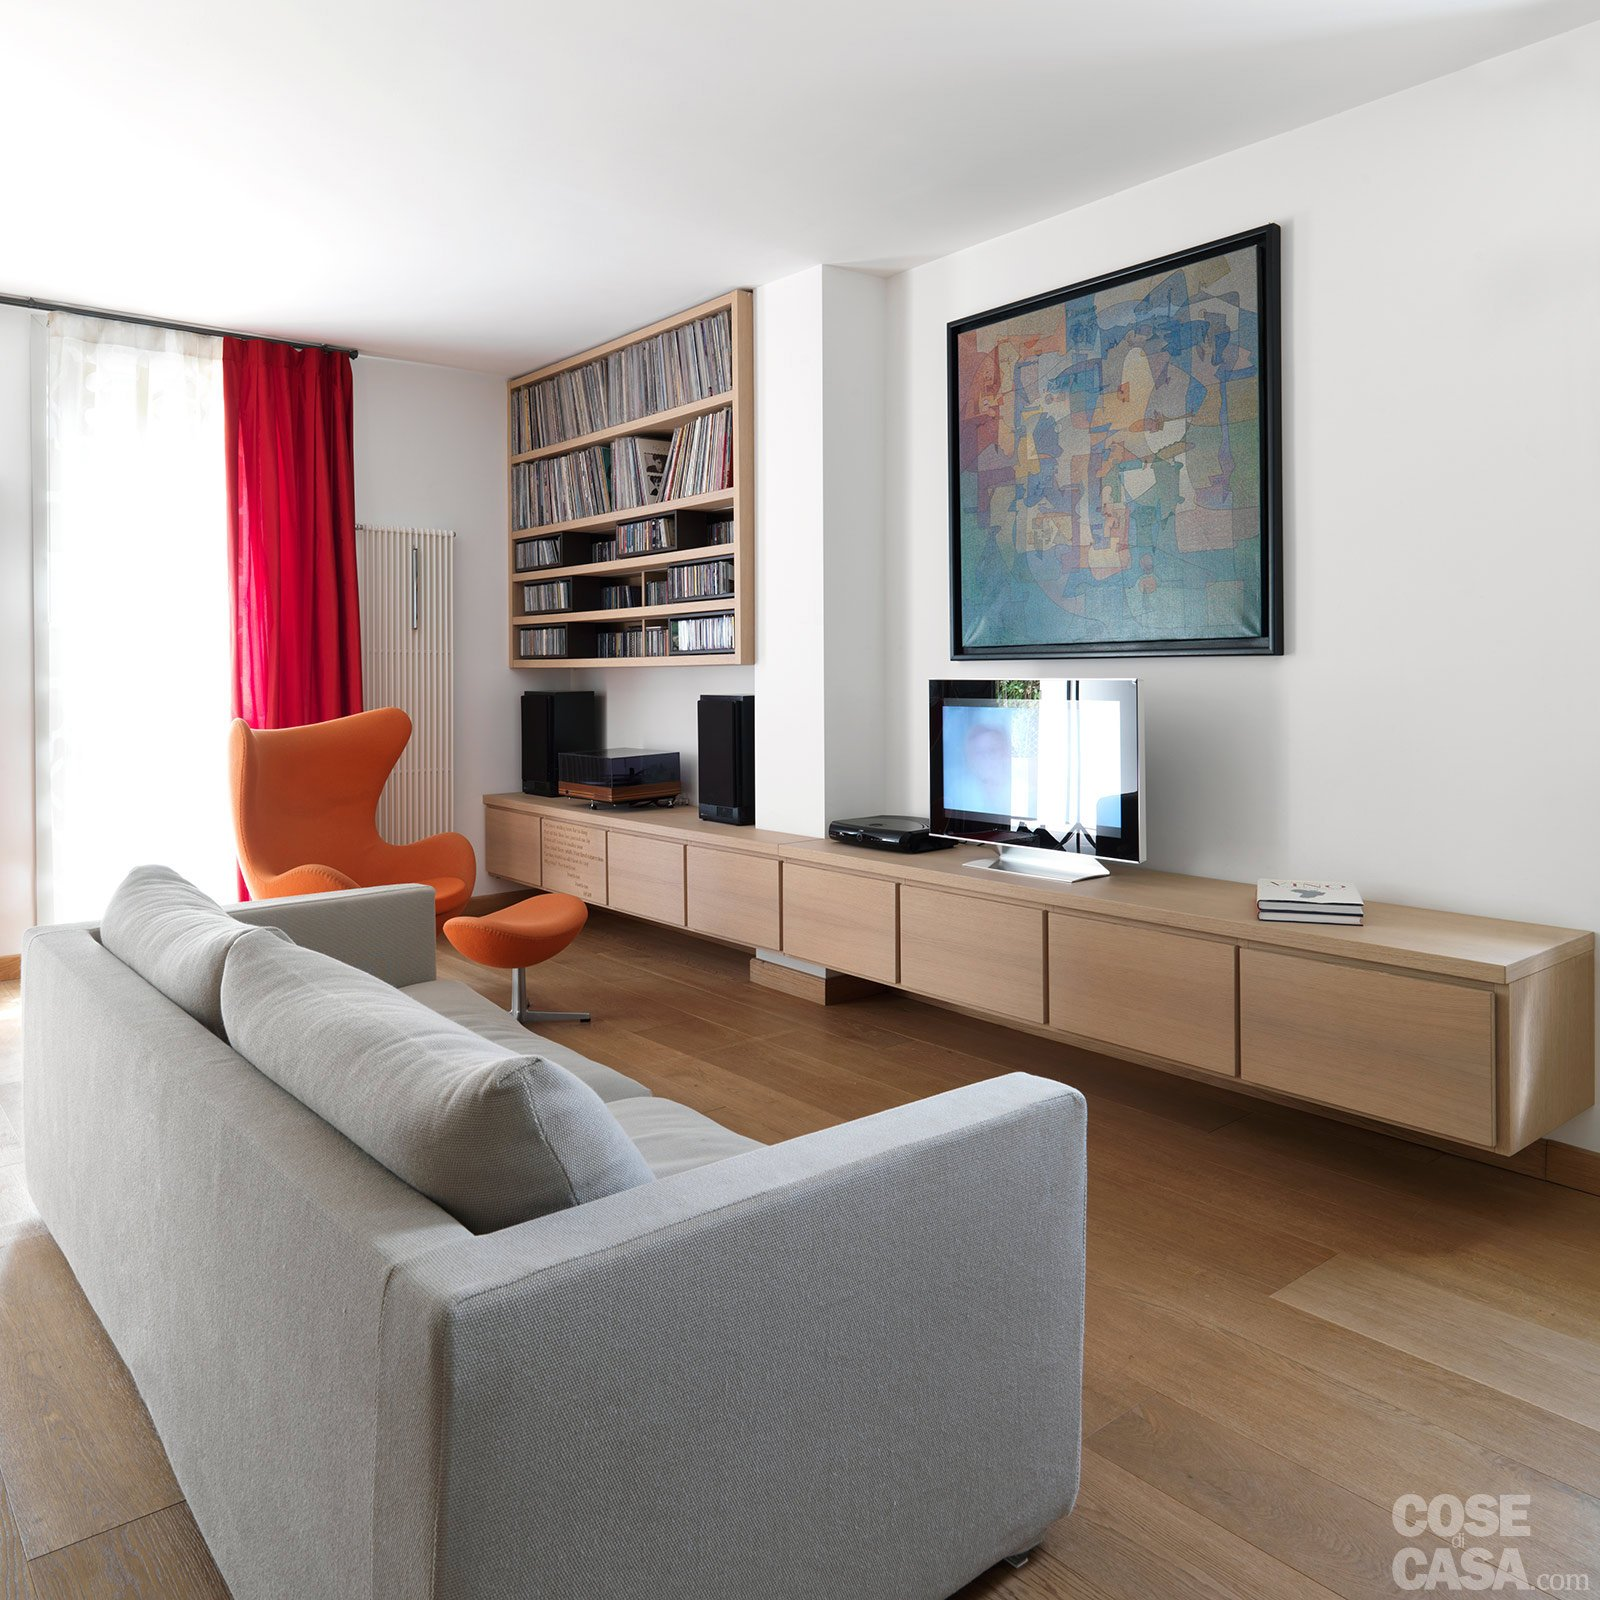 Una casa con zona giorno open space e camera sottotetto - Open space casa ...